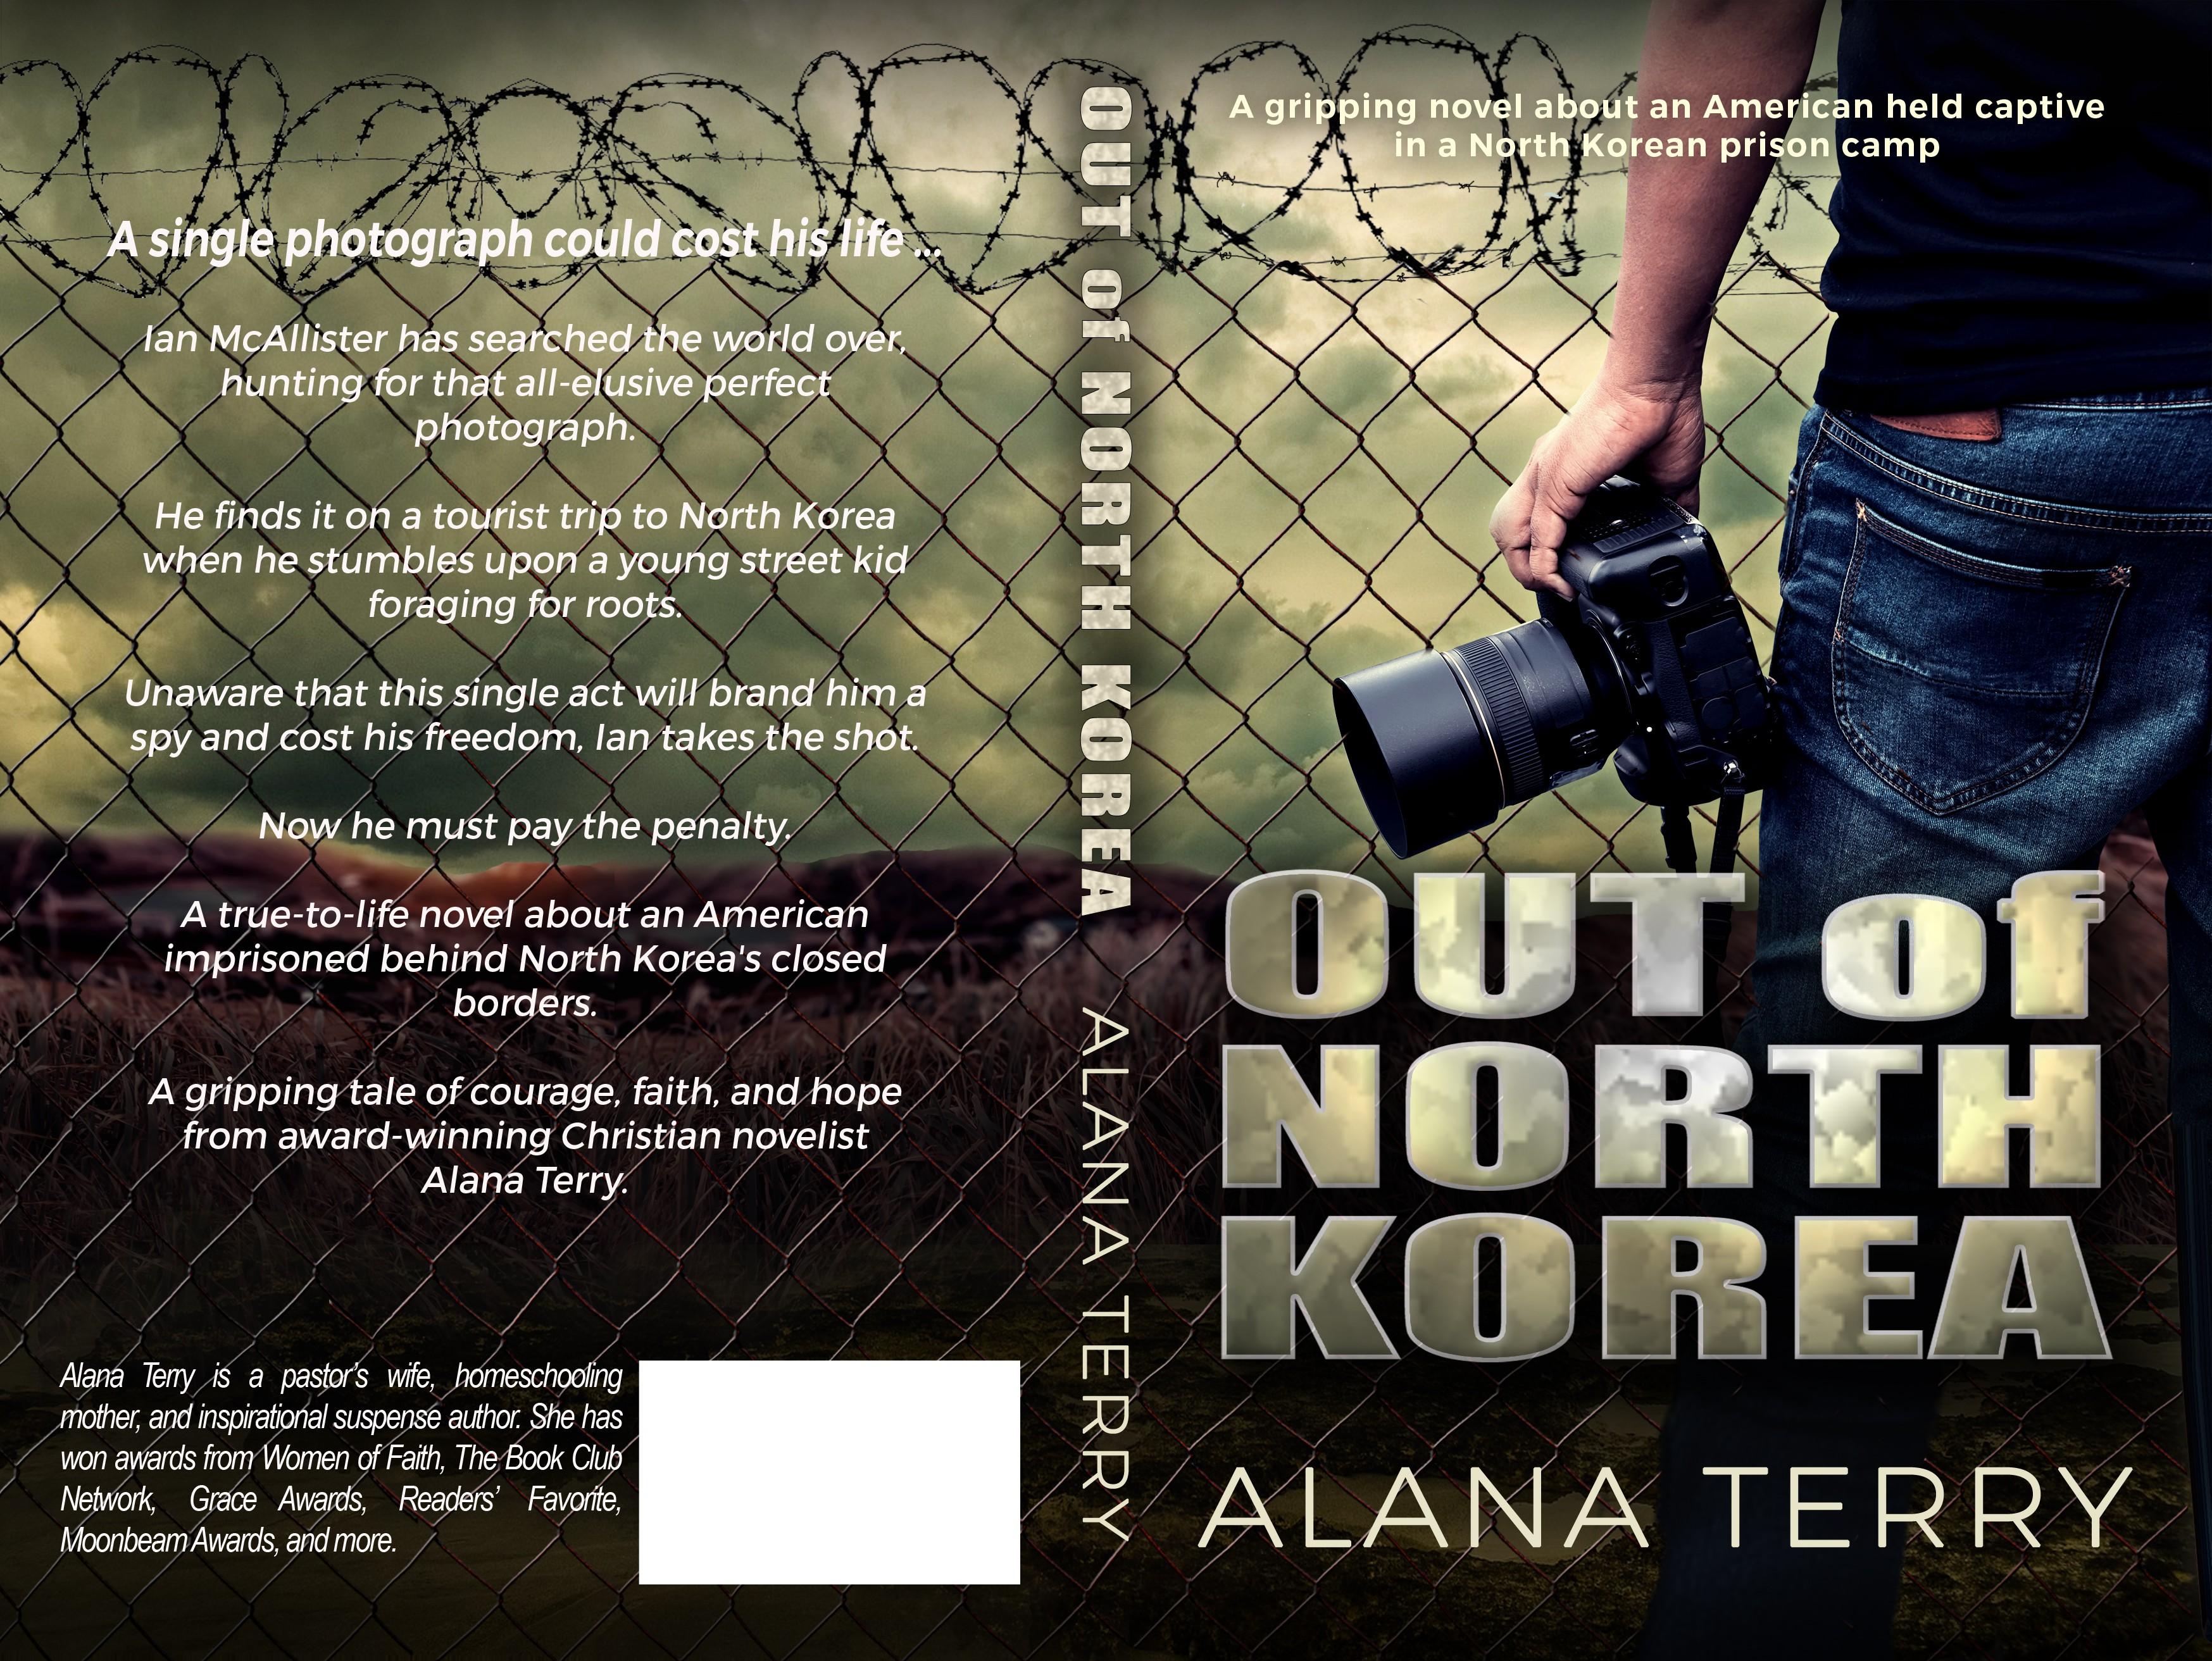 Thriller cover for suspenseful novel set in North Korea